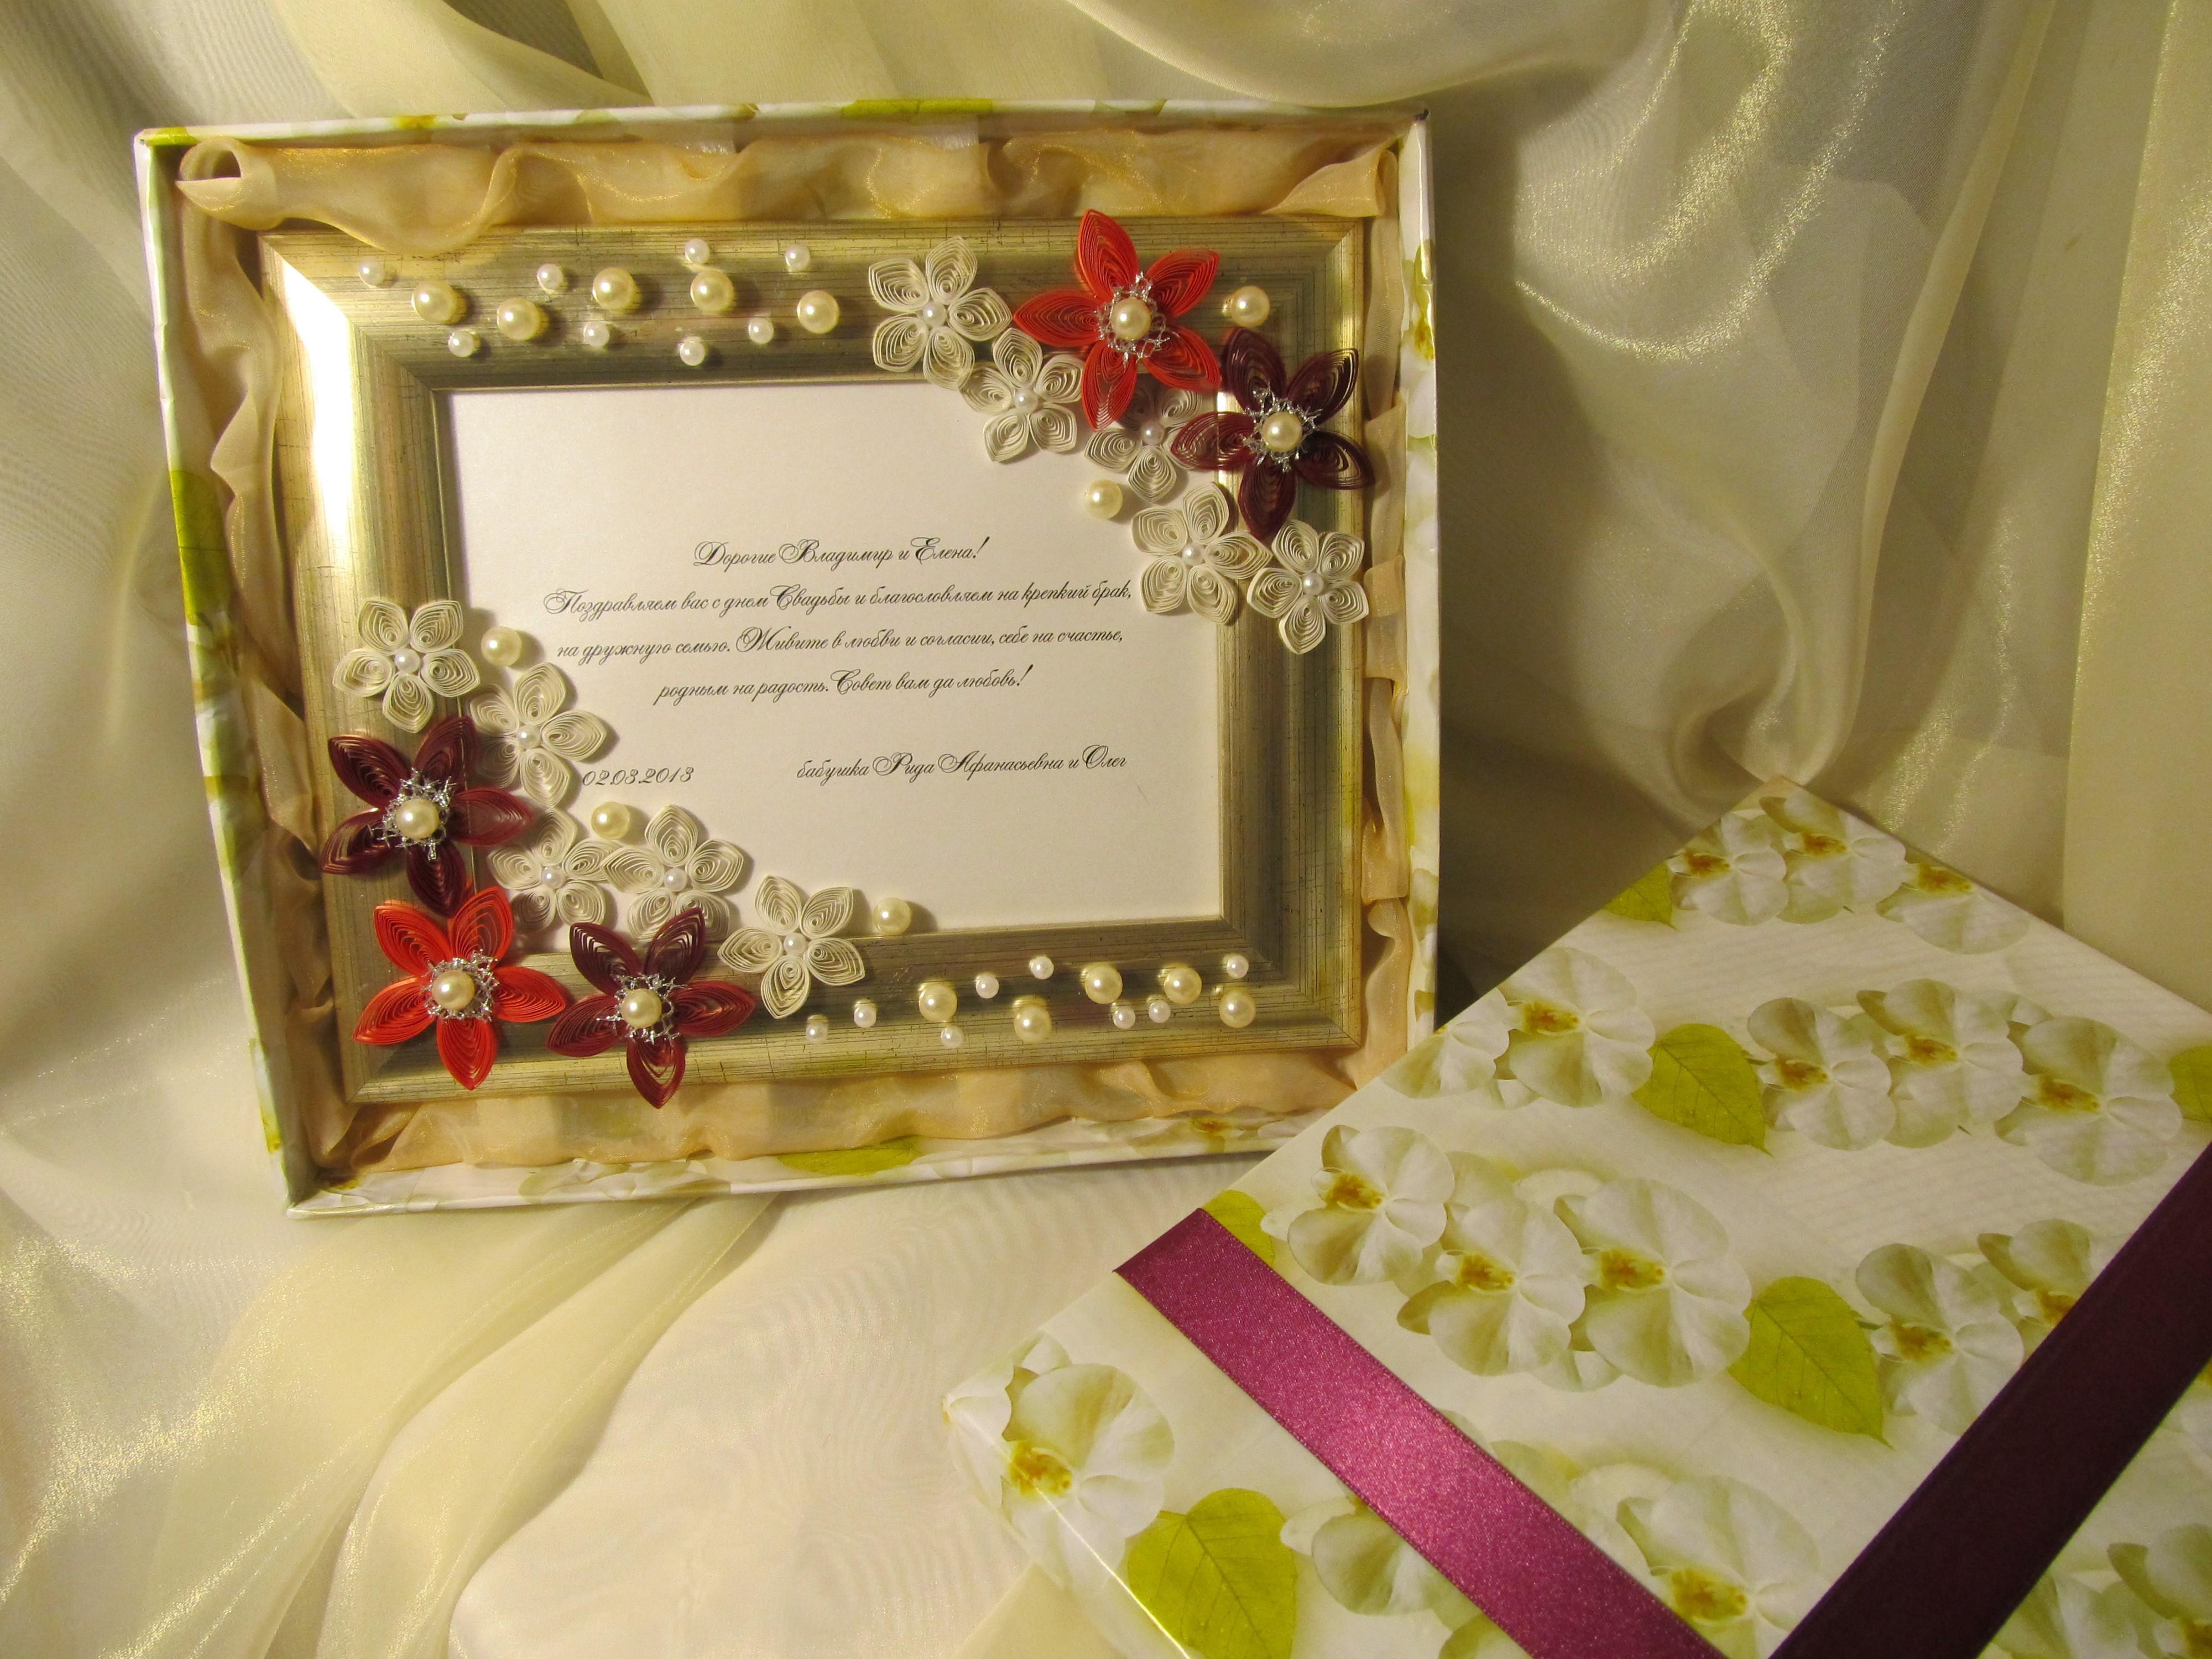 Поздравление со свадьбой душевно красиво коротко фото 273